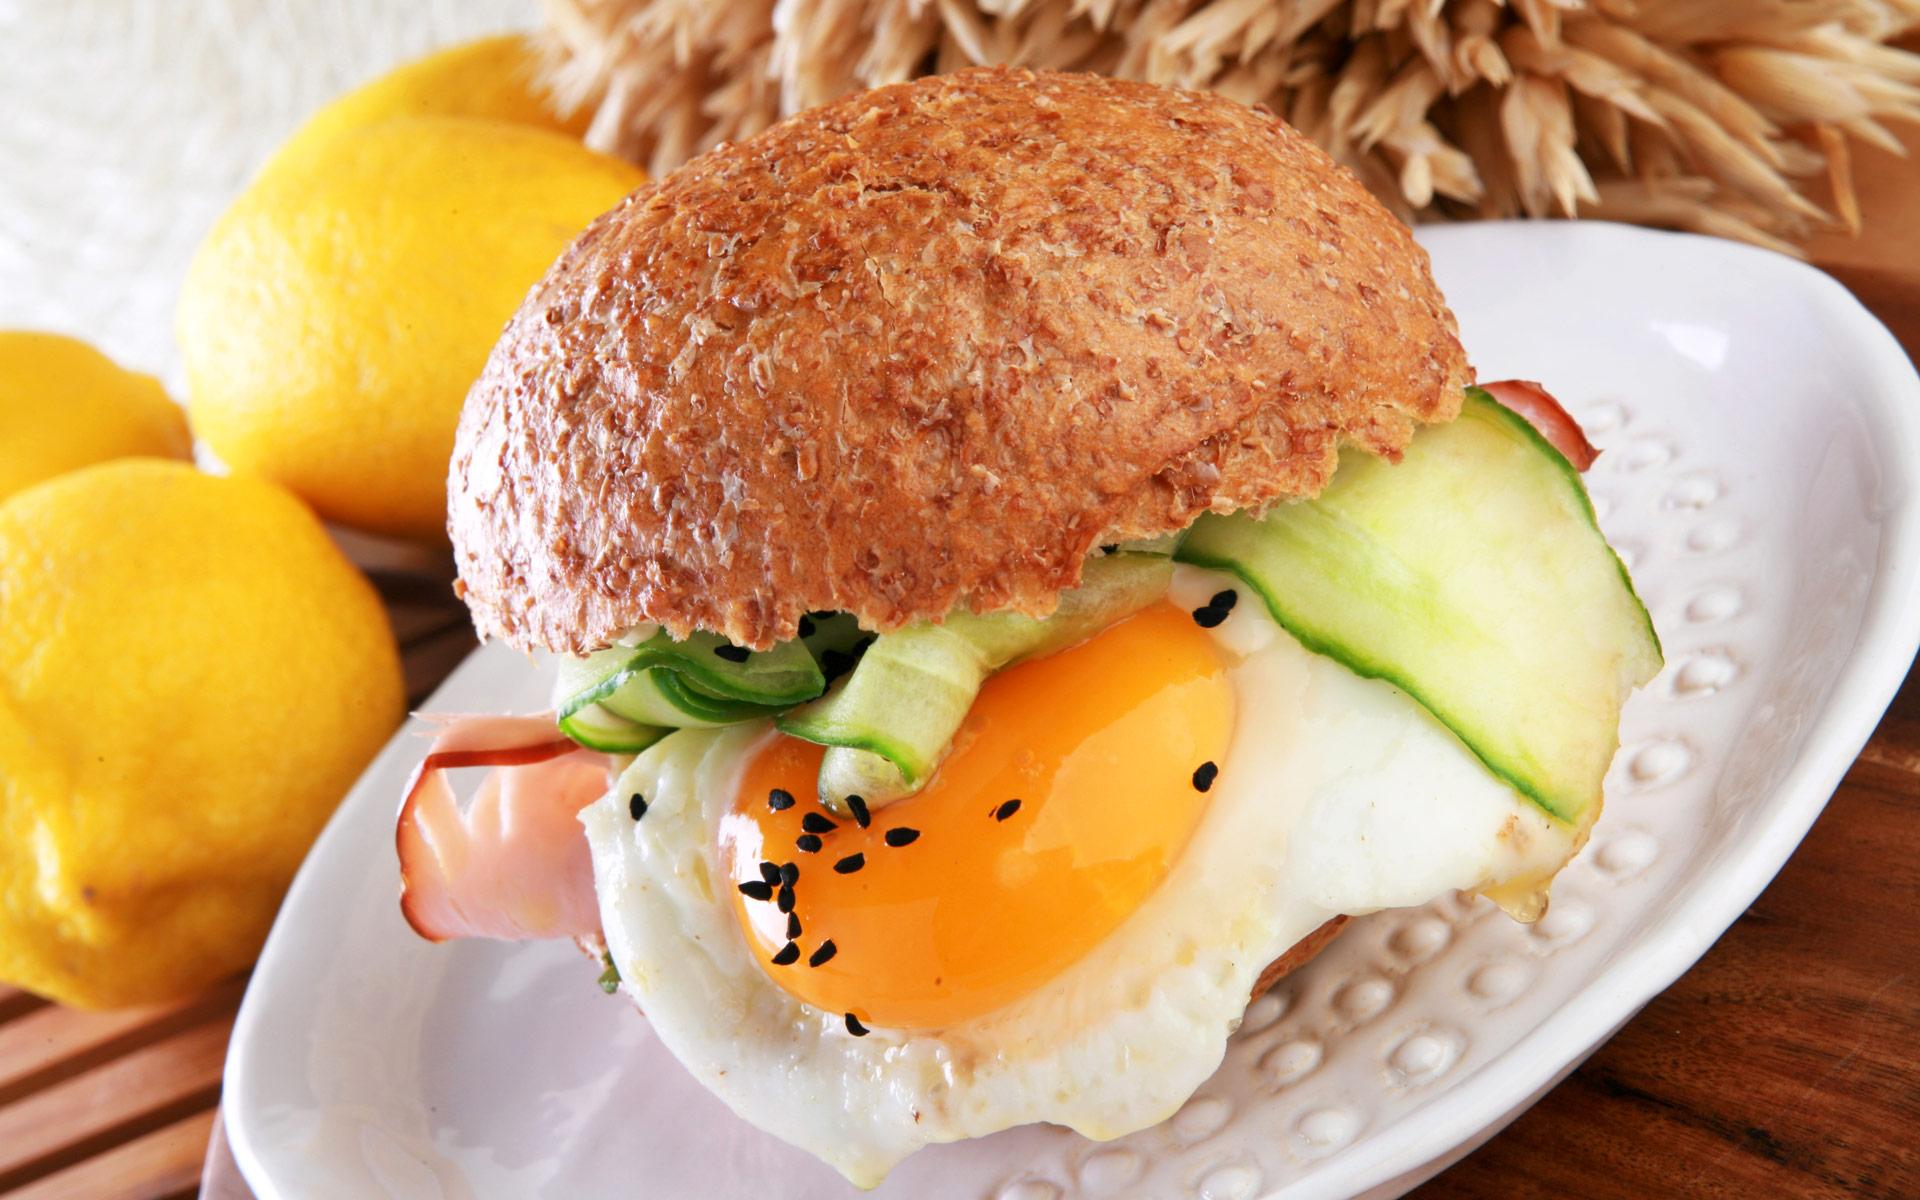 Grahamka z szynką swojską, jajkiem sadzonym, szybko marynowanym ogórkiem z czerwoną cebulą, czarnuszką i lubczykową Optimą Cardio